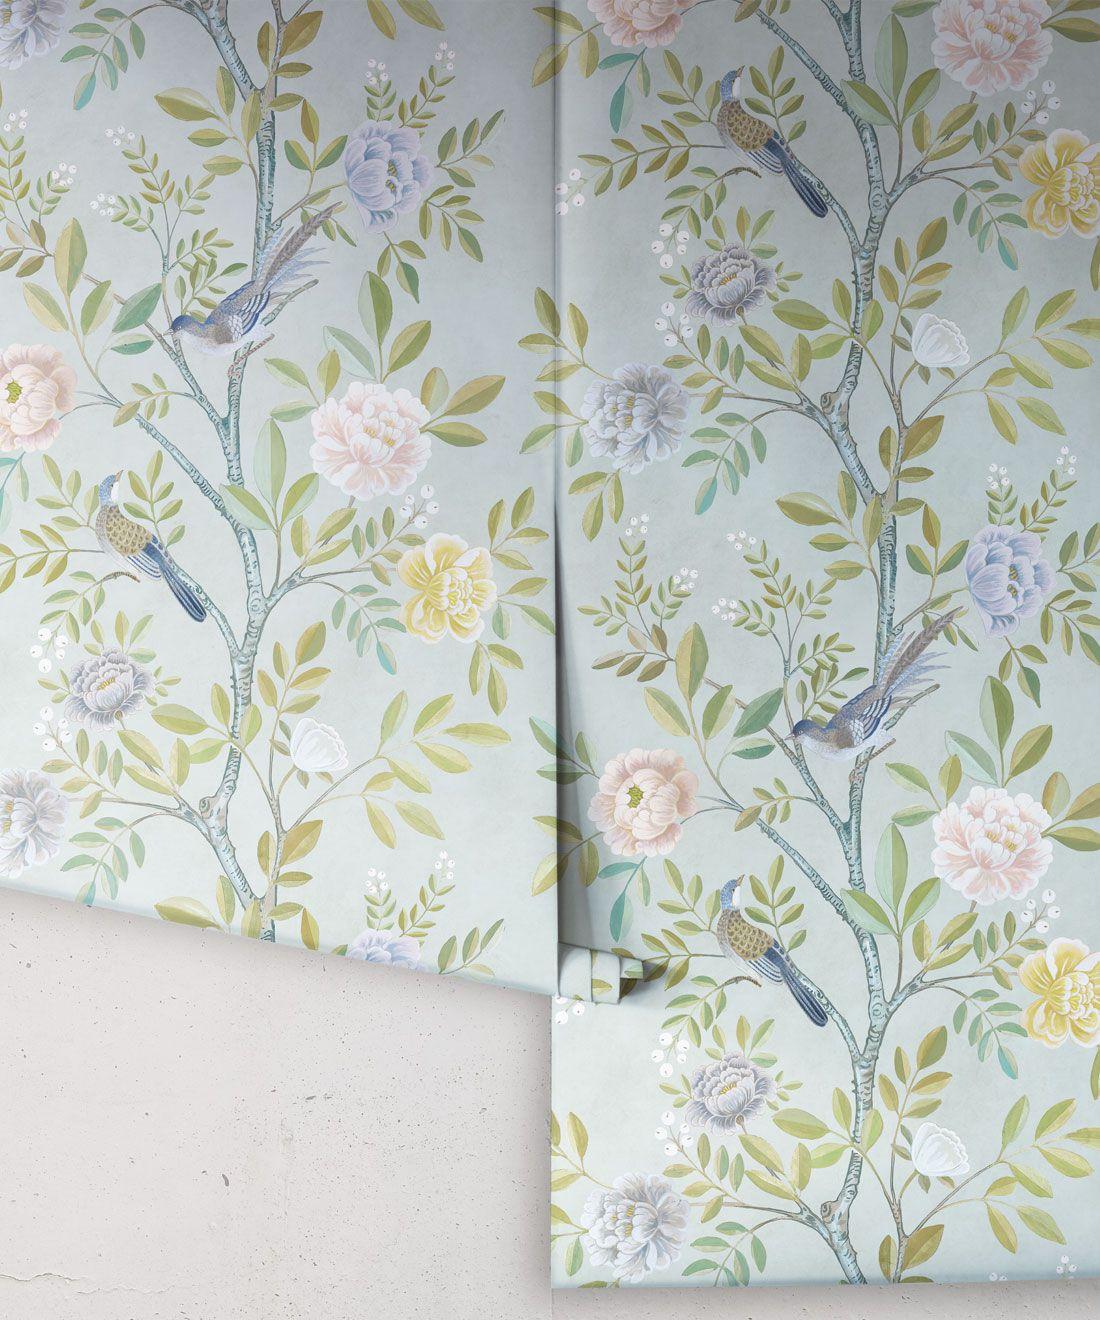 Chinoiserie Wallpaper •Floral Wallpaper •Bird Wallpaper • Magnolia • Aqua • Rolls